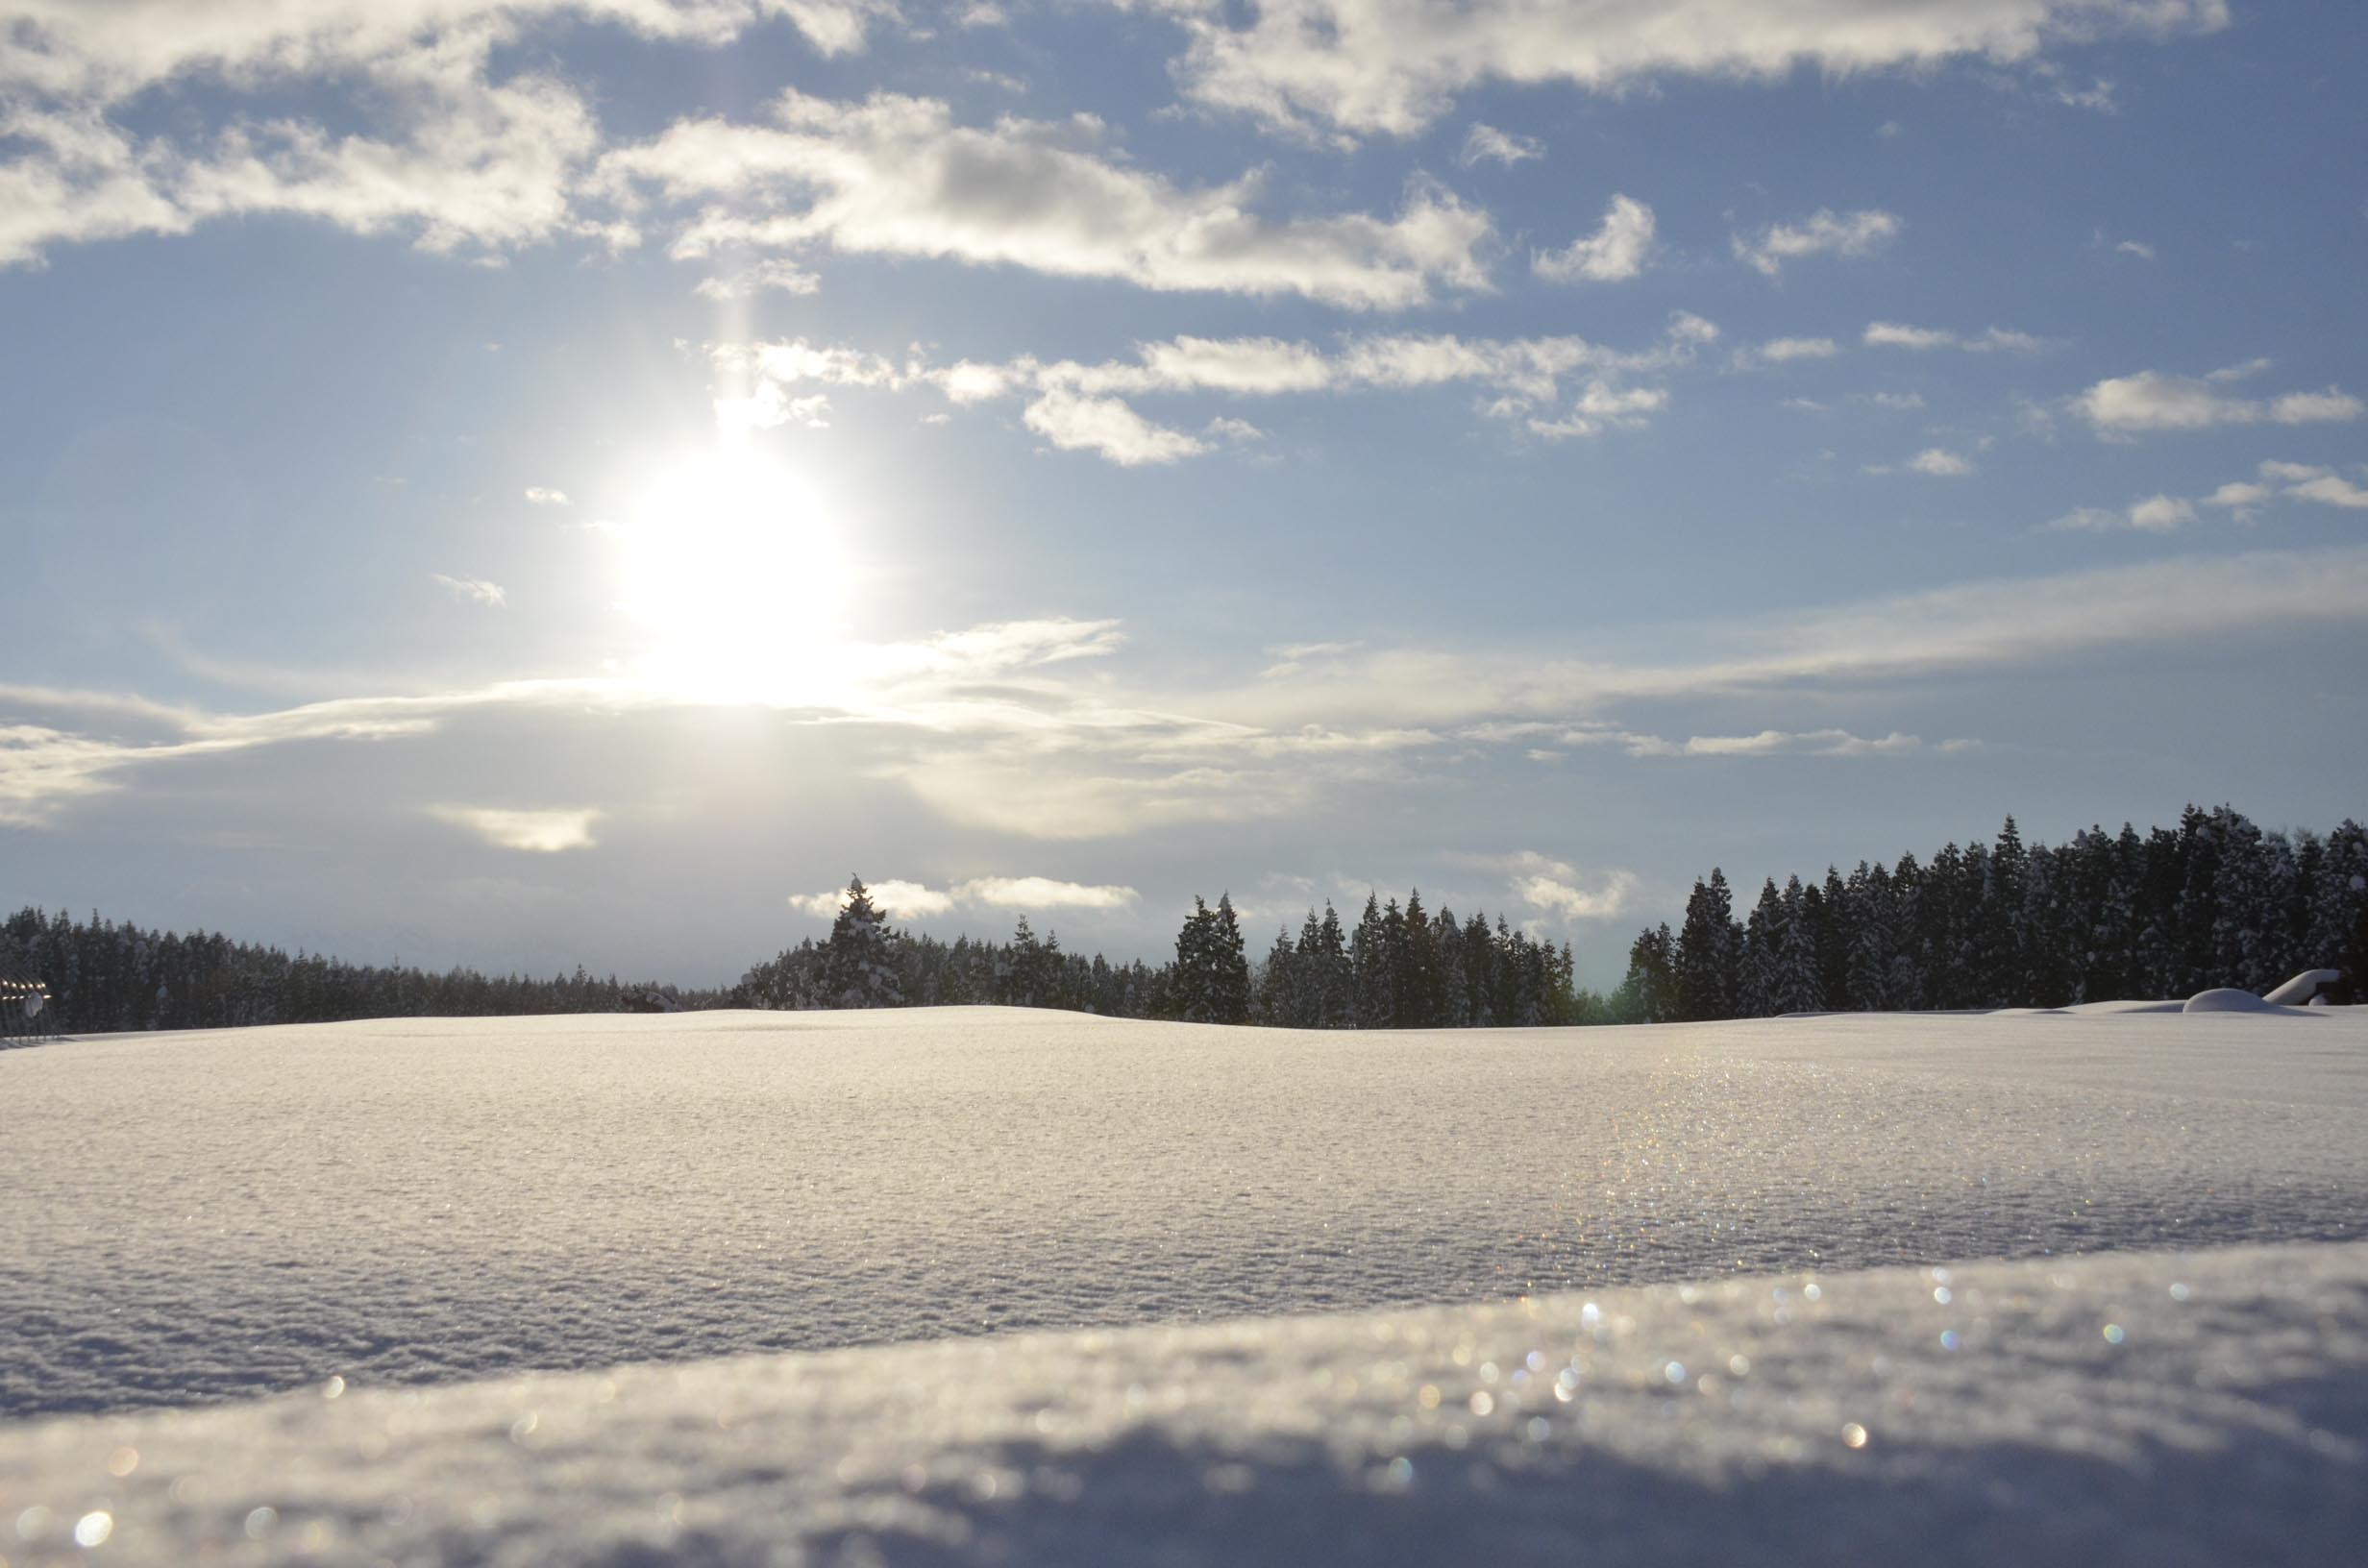 晴天の雪景色